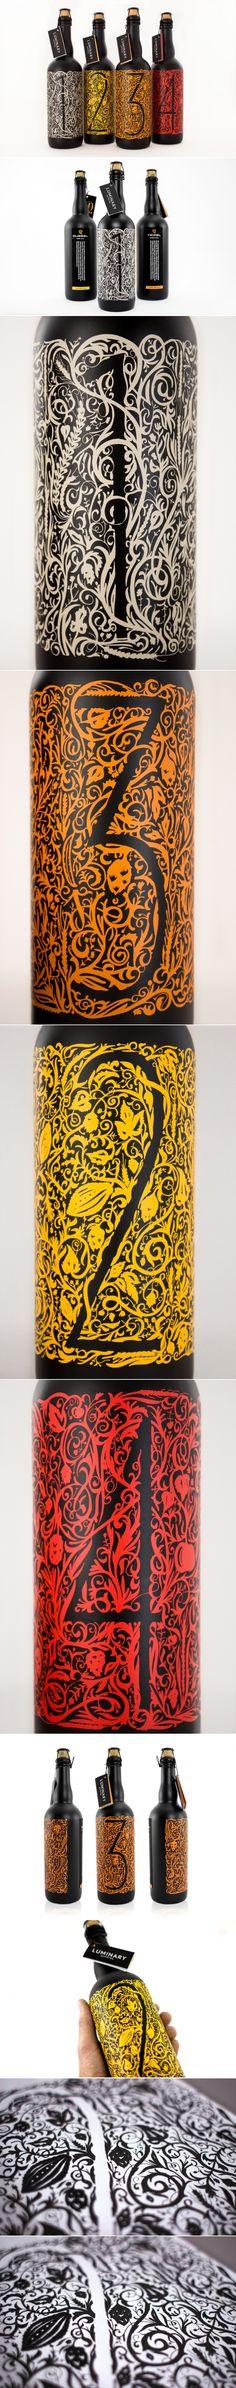 Student: Luminary Quarter Beer Design — The Dieline - Branding & Packaging Design...